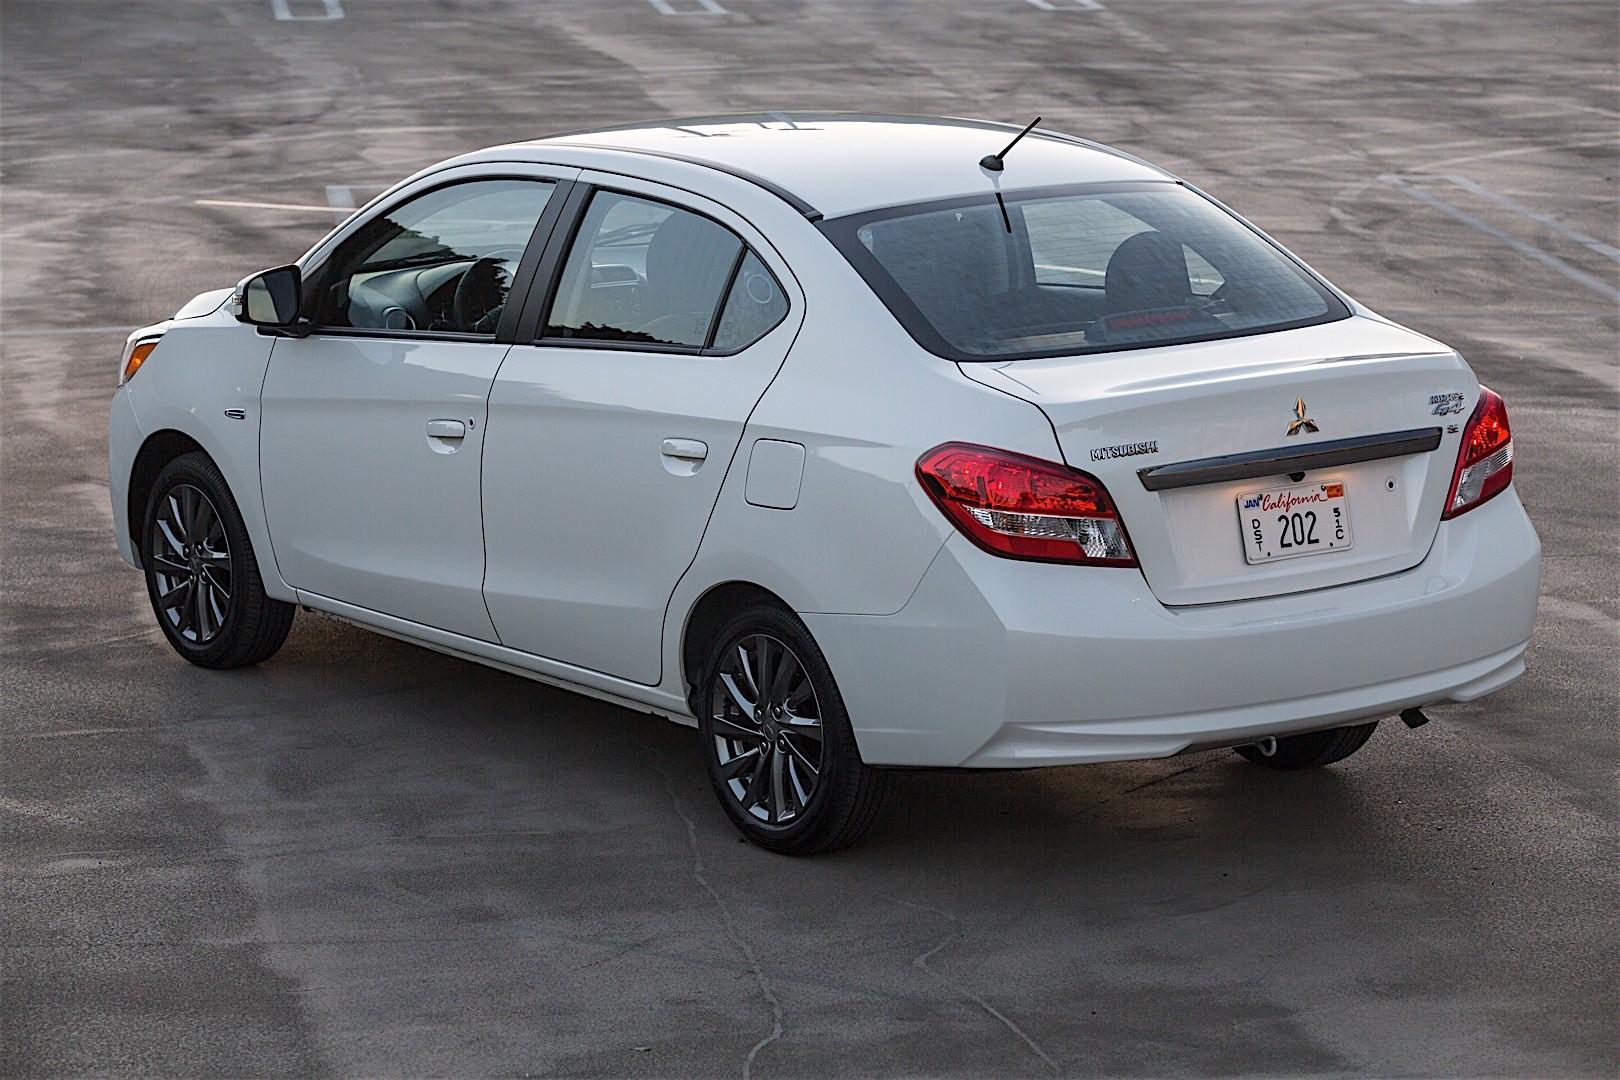 mirage g4 mitsubishi sedan se cars mitsu auto 2021 autoevolution specs hatch hideousness enough version there present pricing